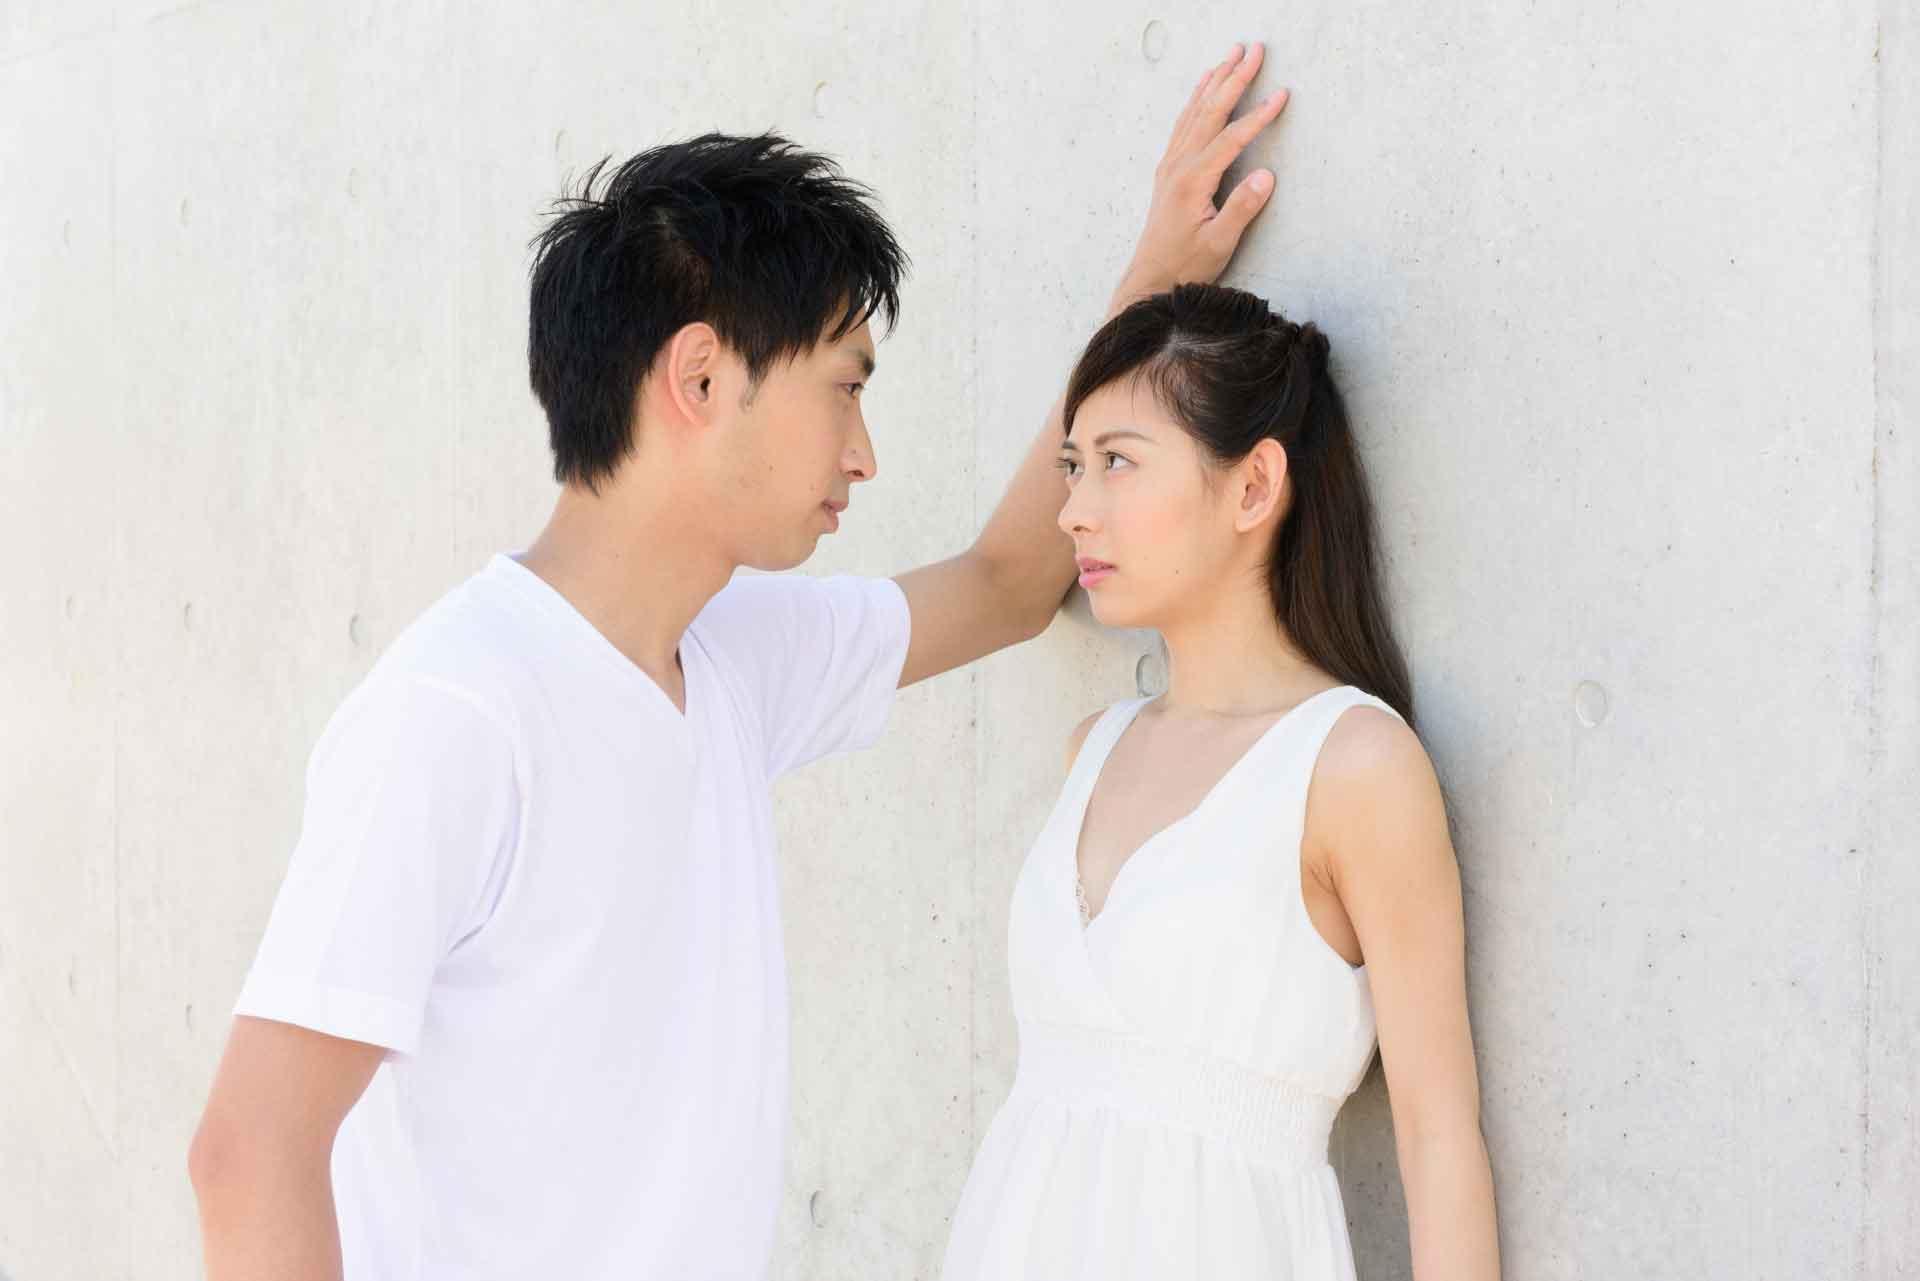 壁ドンして女性を見つめている男性